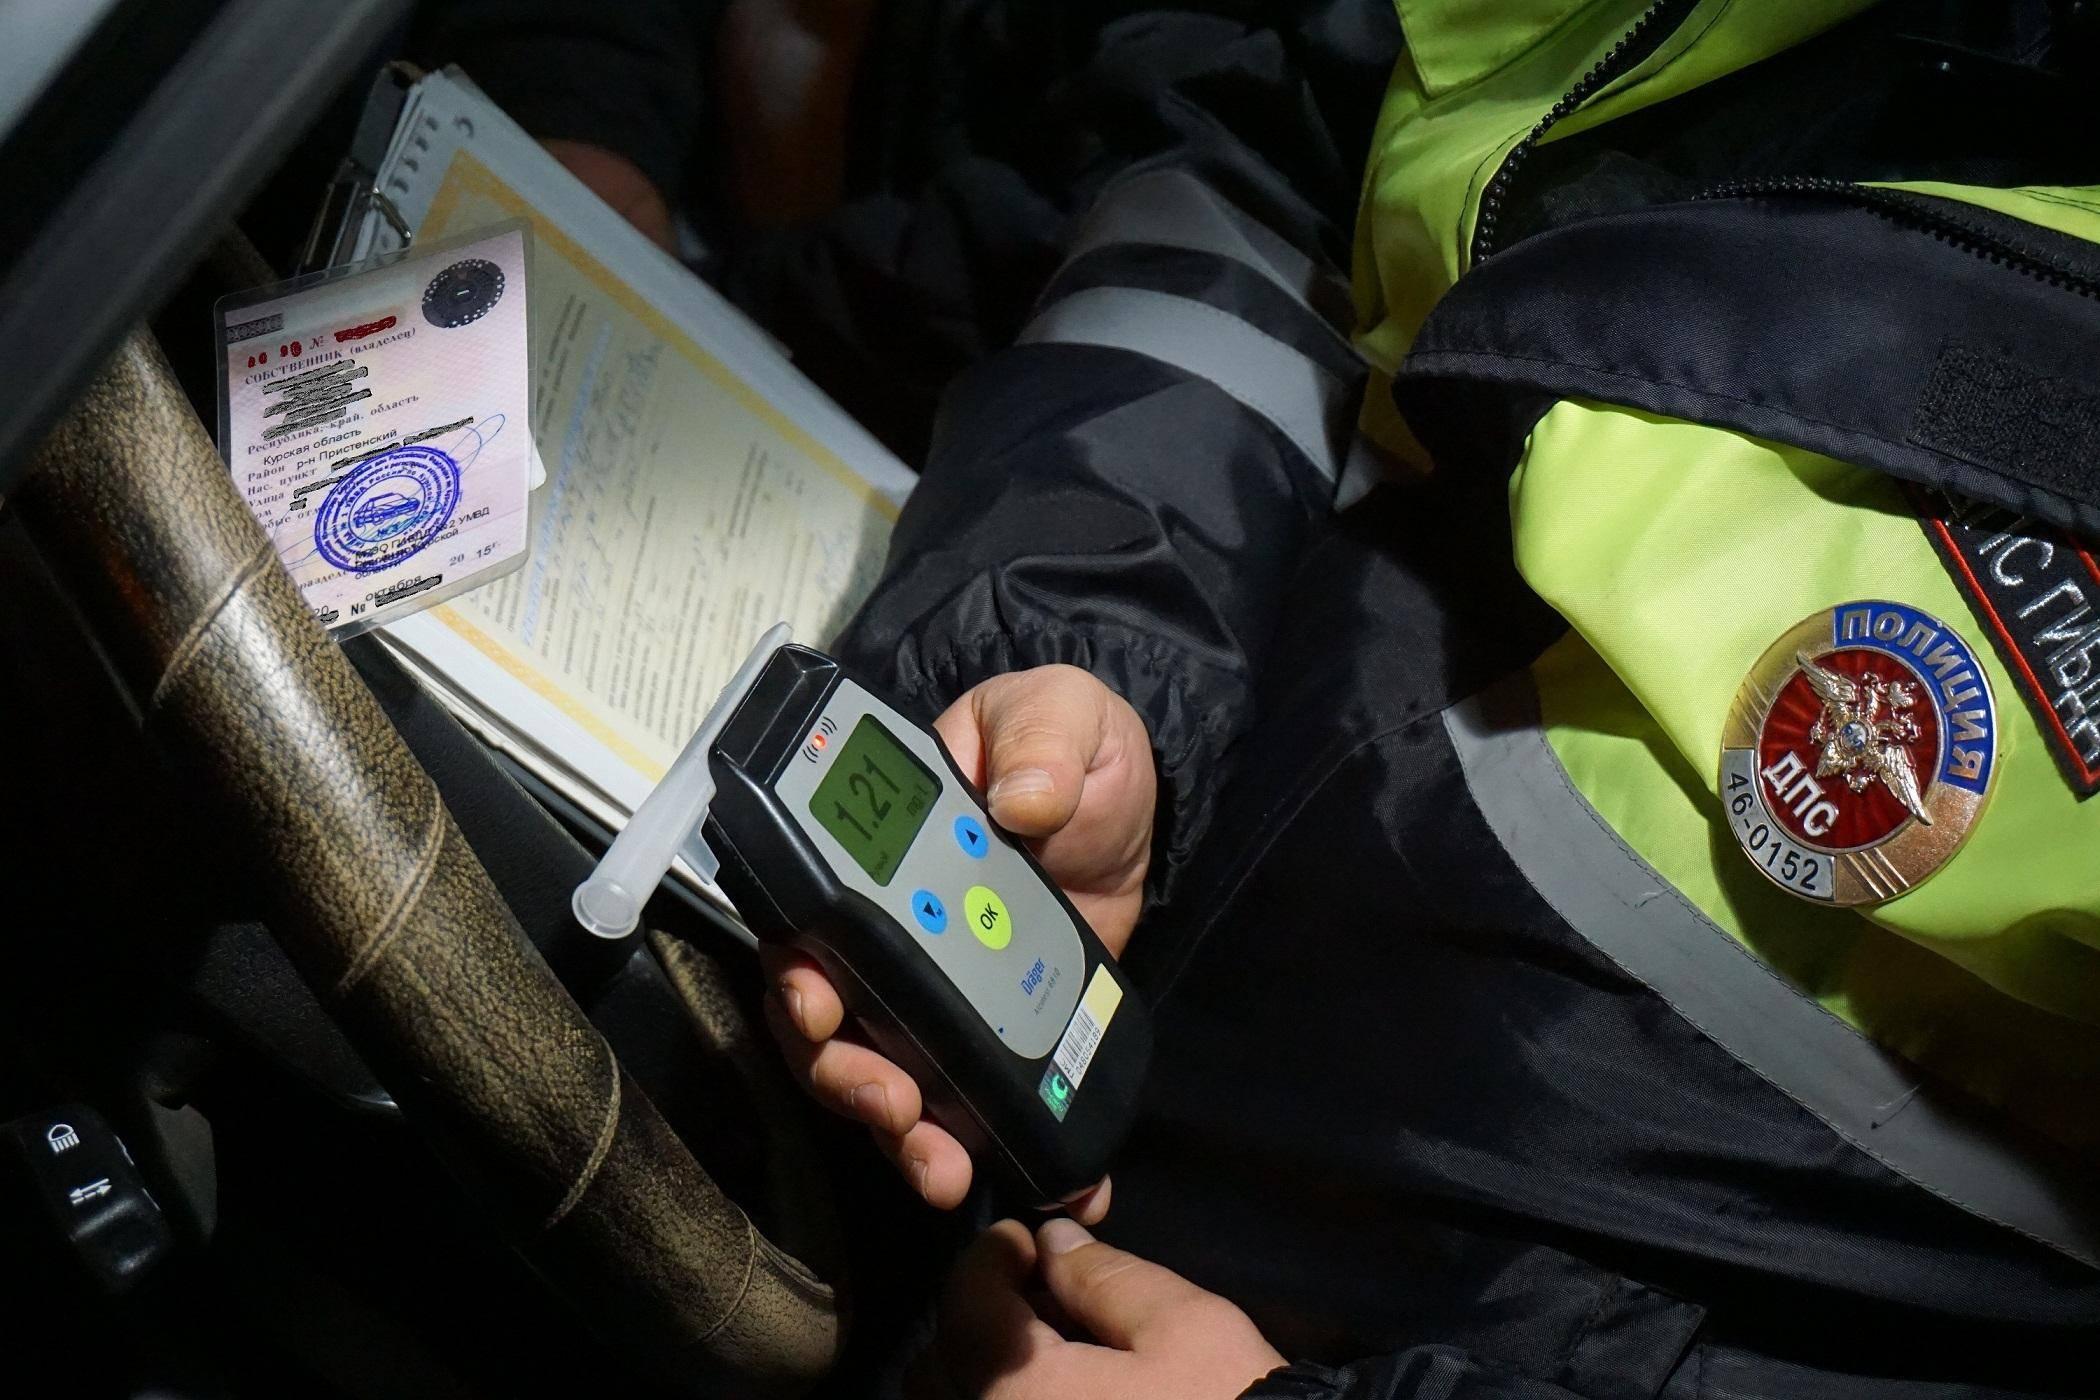 Пробирки на дорогах: гибдд хотят дать право проверять всех водителей на алкоголь | статьи | известия